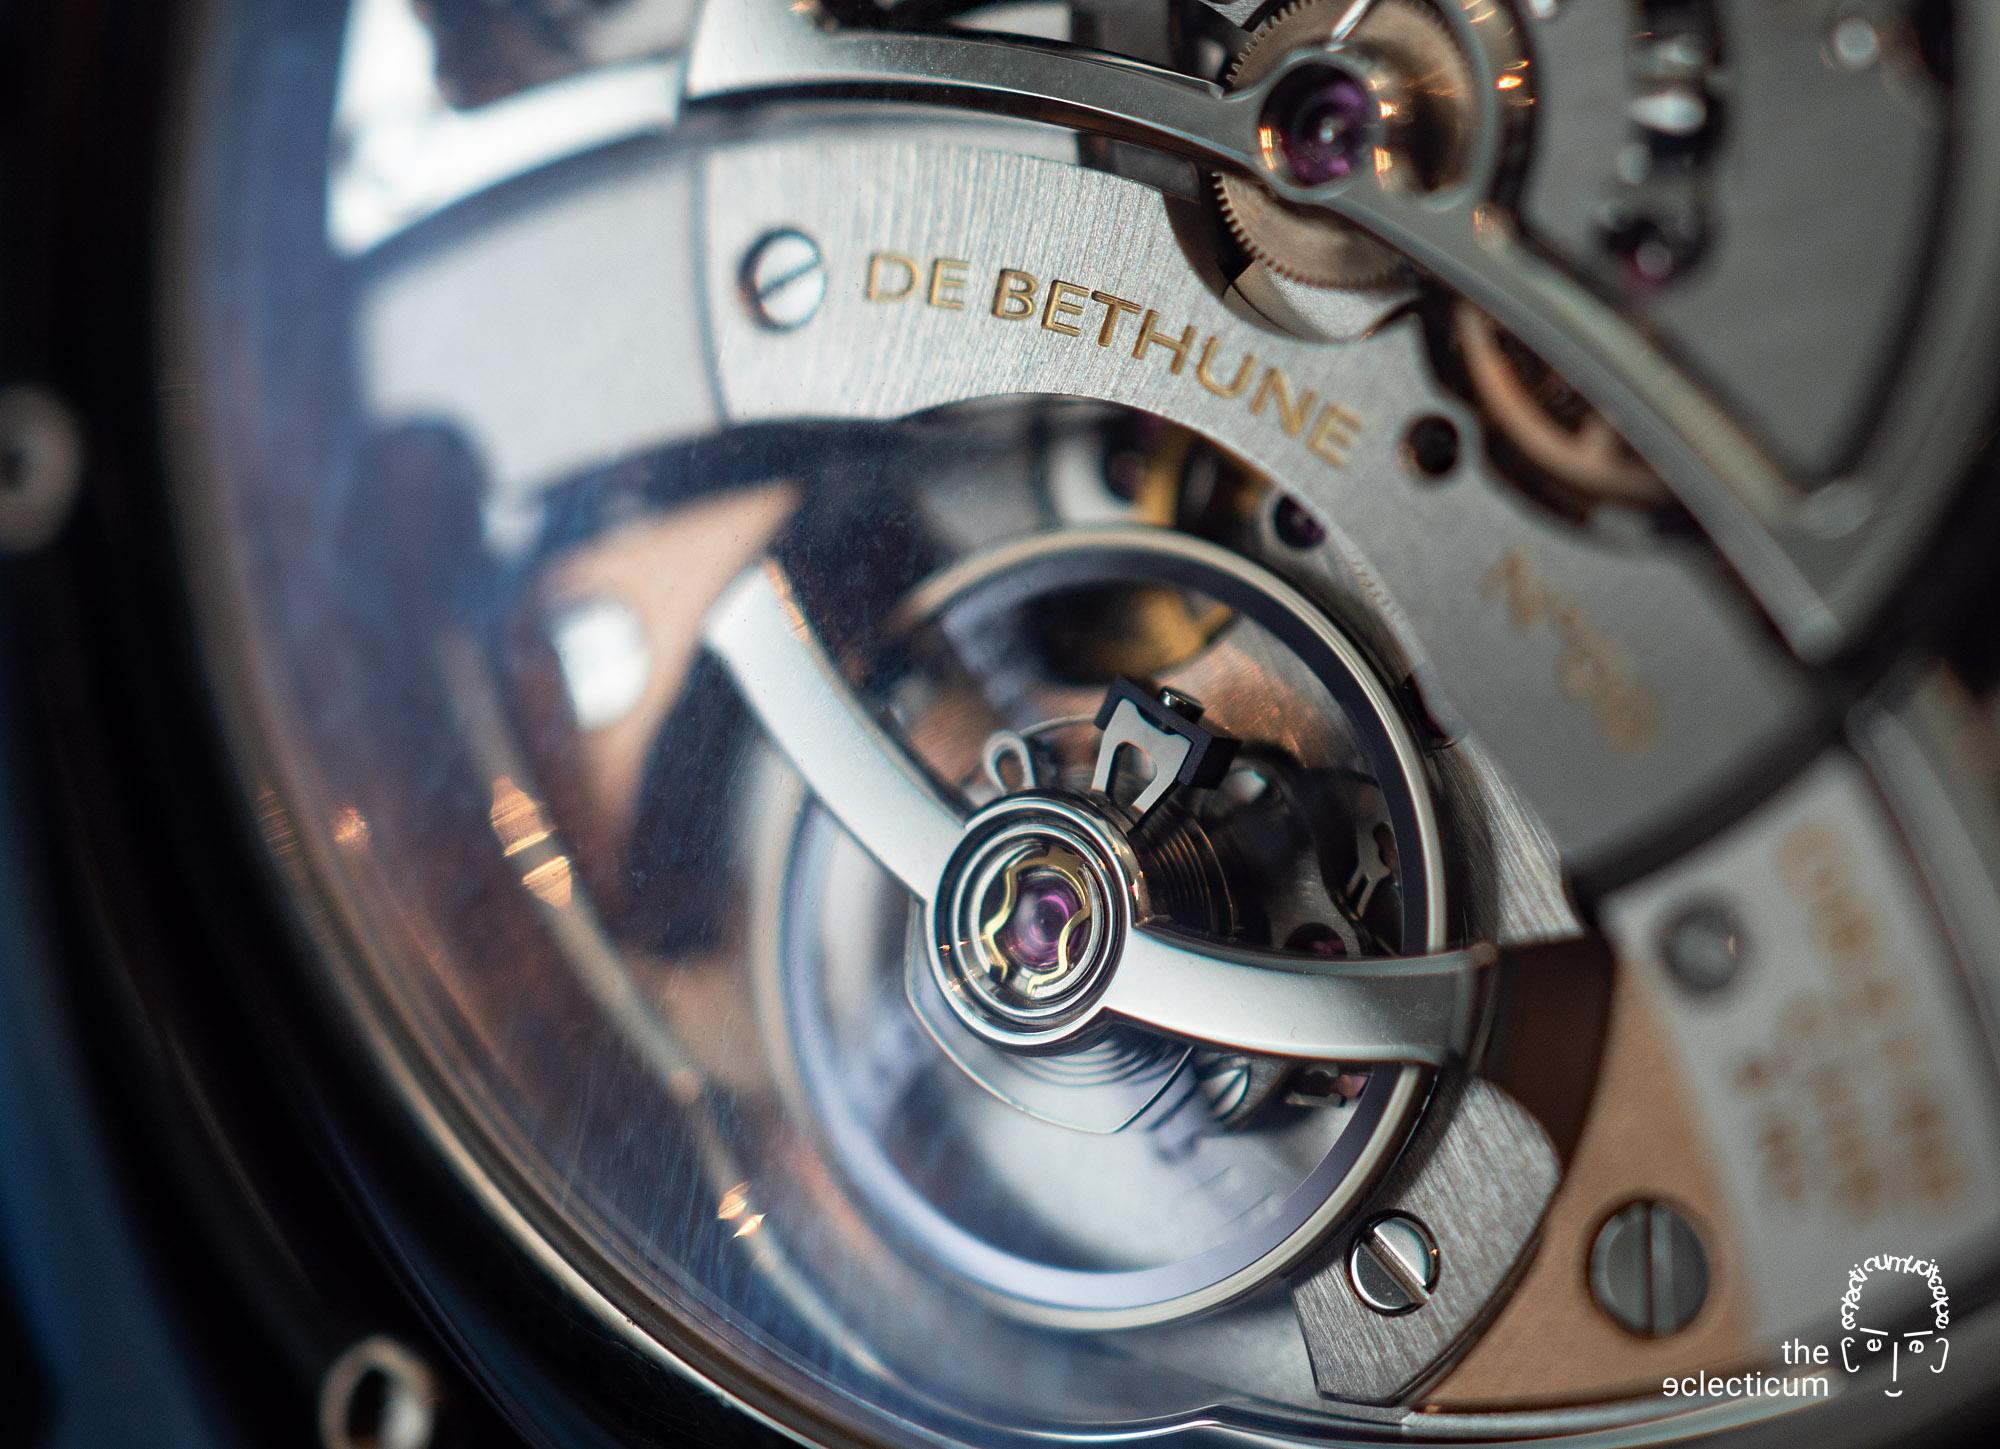 De Bethune MaxiChrono chronograph Central stack movement Cal. DB2030 balance